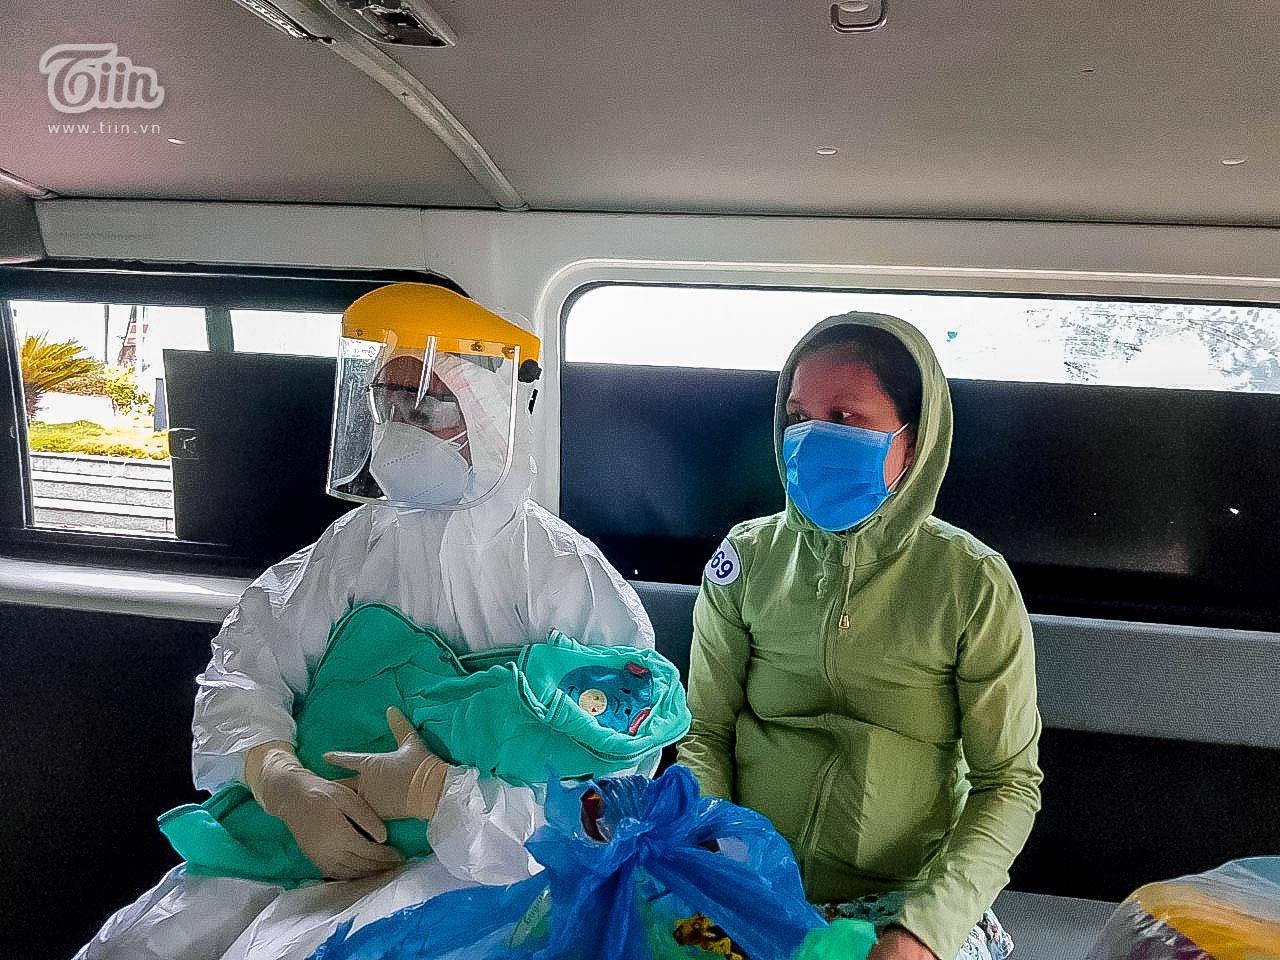 Thêm 16 bệnh nhân Covid-19 ở Đà Nẵng khỏi bệnh, sản phụ nhiễm bệnh đã xuất viện cùng con 5